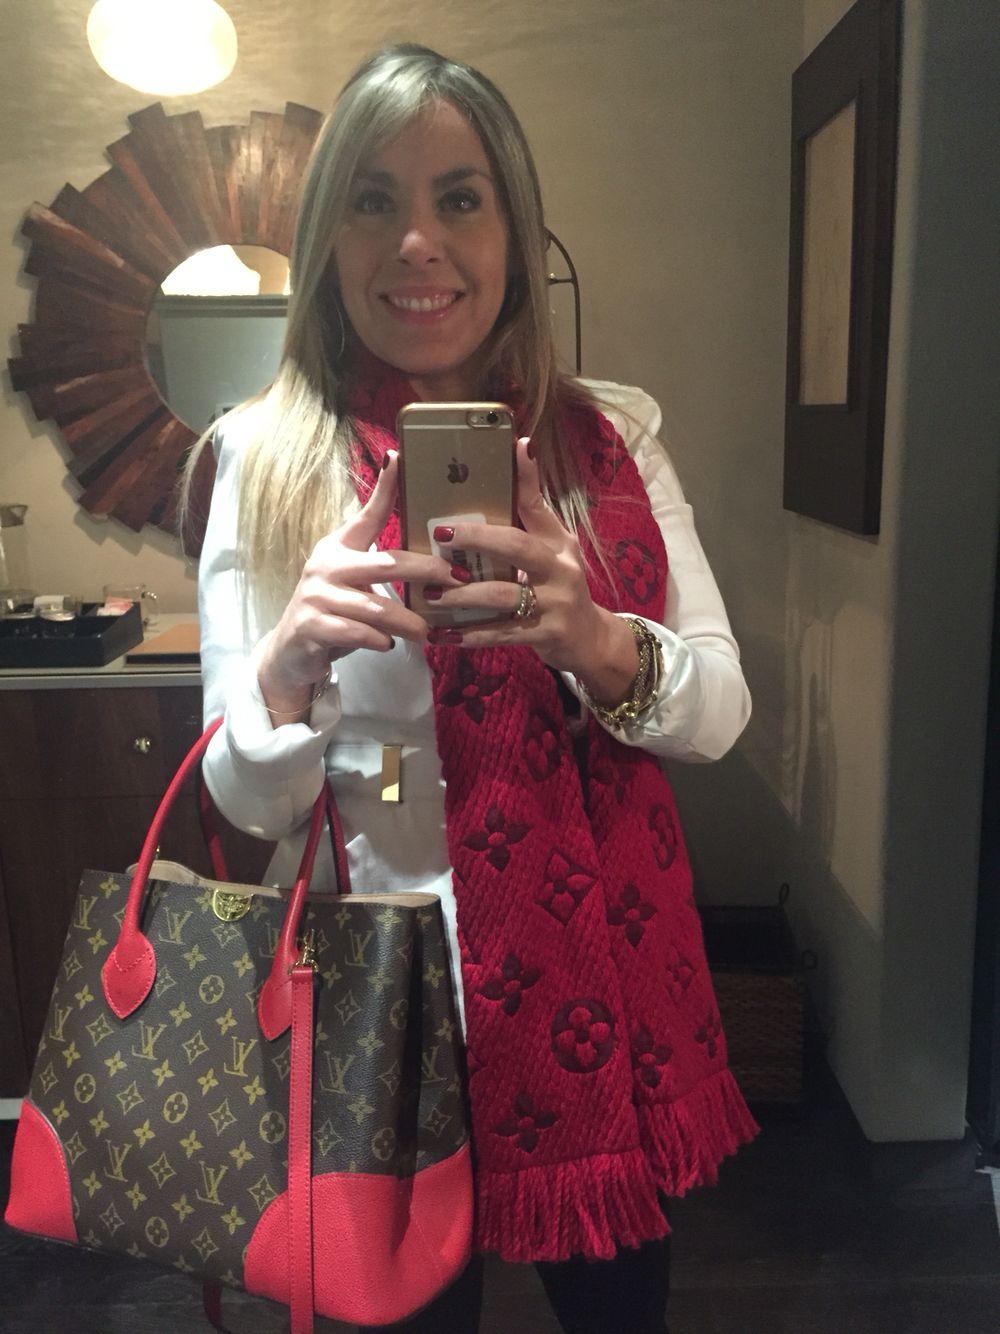 2e908e252cdc LV Red combination with Louis Vuitton Flandrin Handbag